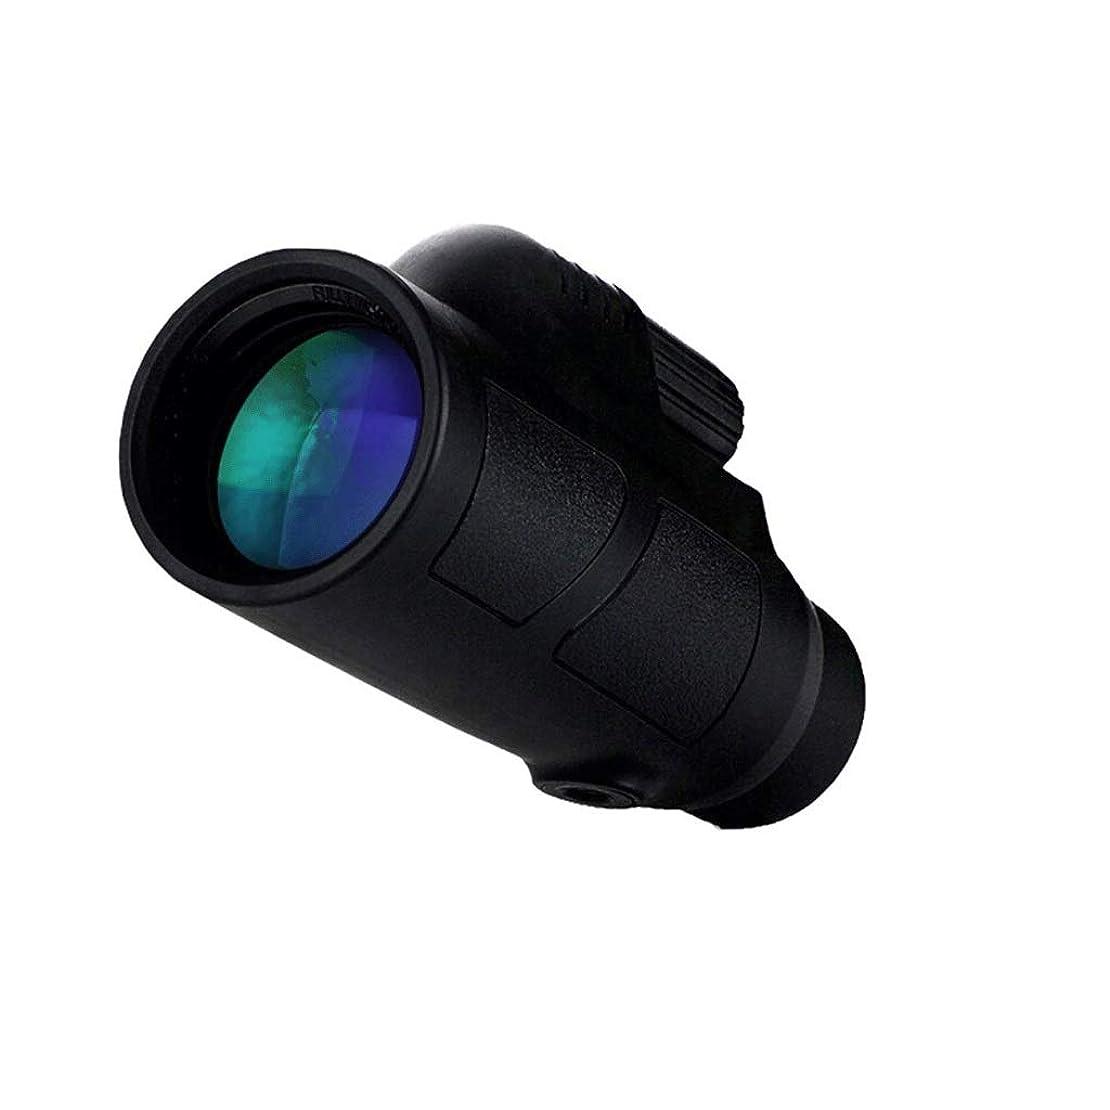 供給不規則な誓いDaQingYuntur 10X42 防水単眼鏡 アウトドア ポータブル FMC 高透過性 両面ブロードバンドコーティング ルーフプリズム 滑り止め フォーカス